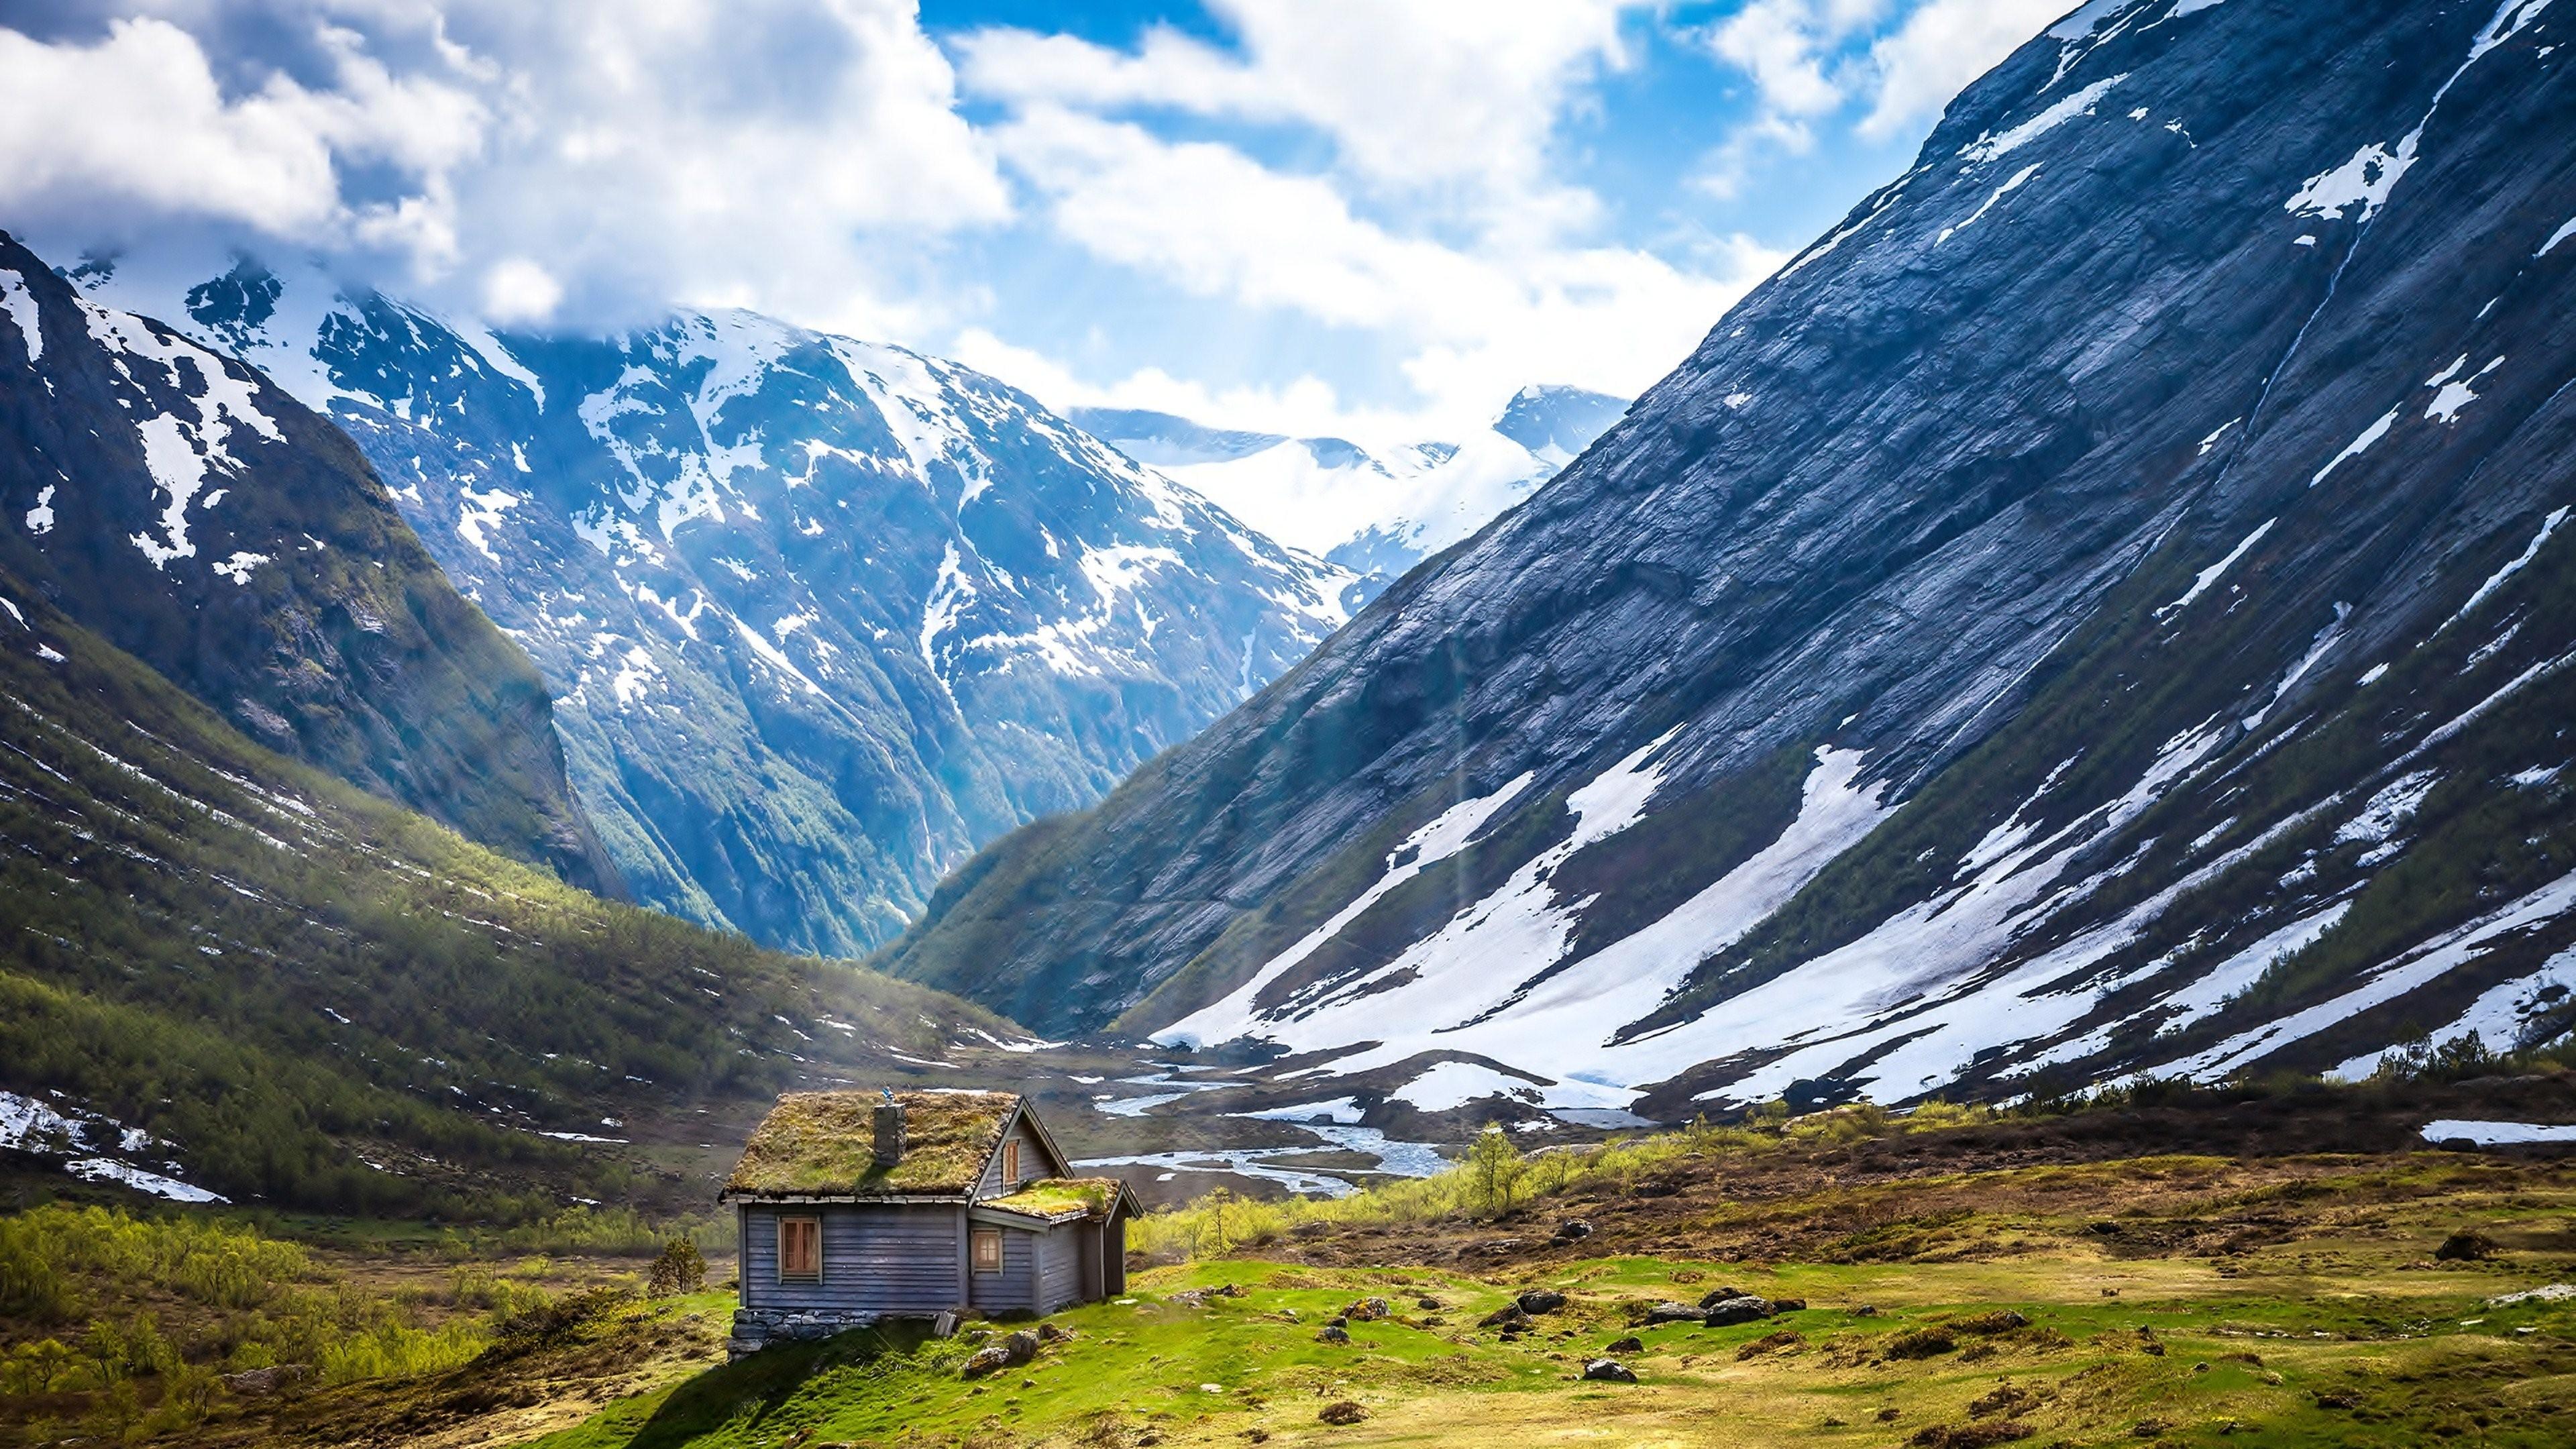 Landscape 4K Ultra HD Wallpaper   Mountain snow and fogs 4K Ultra HD  wallpaper   4k